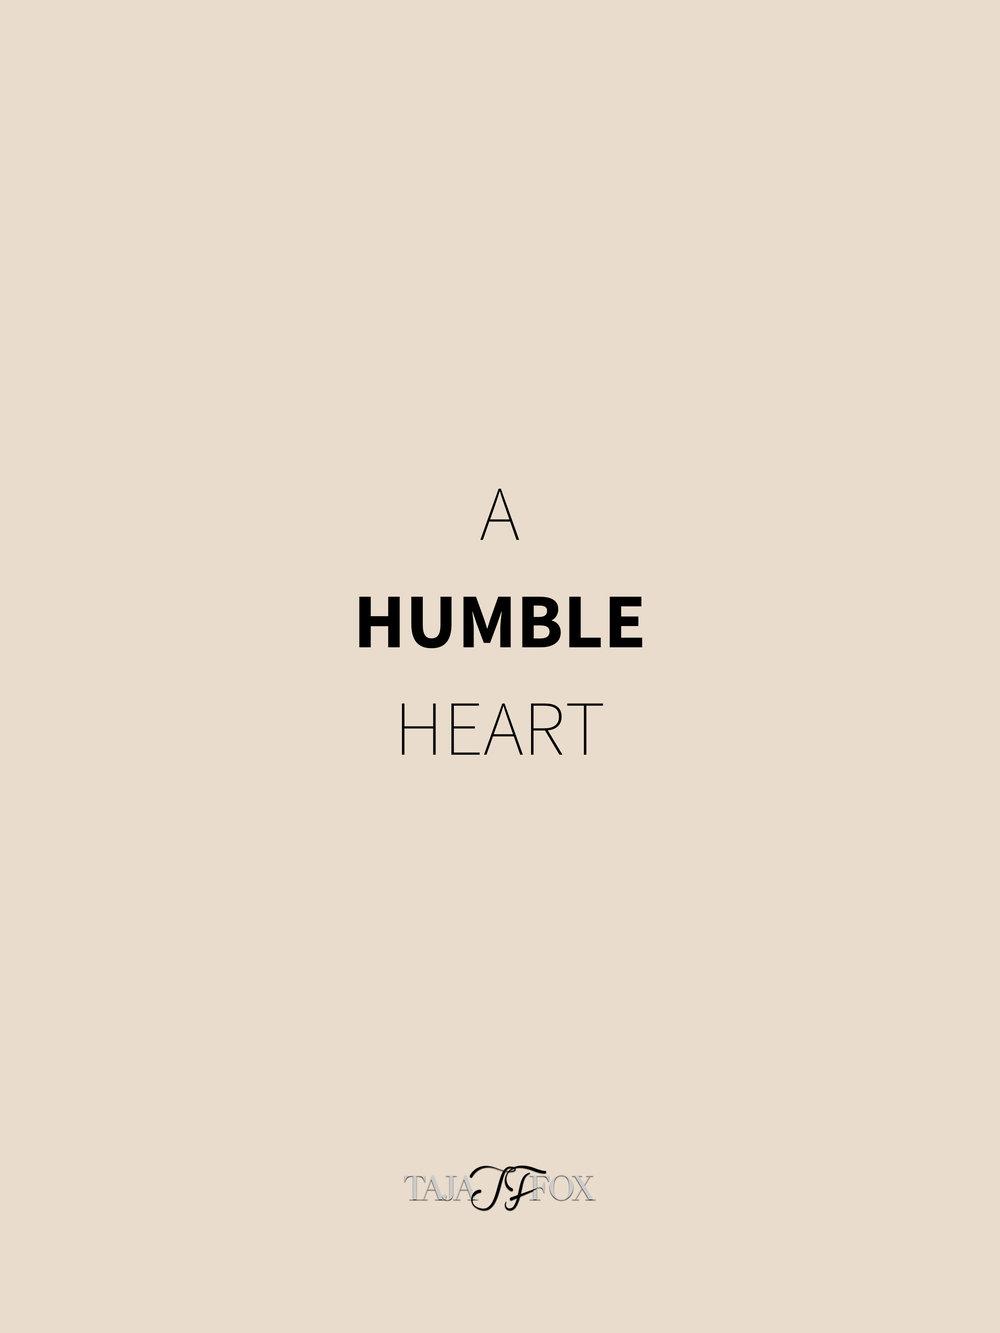 Humble heart tajafox.com.jpg